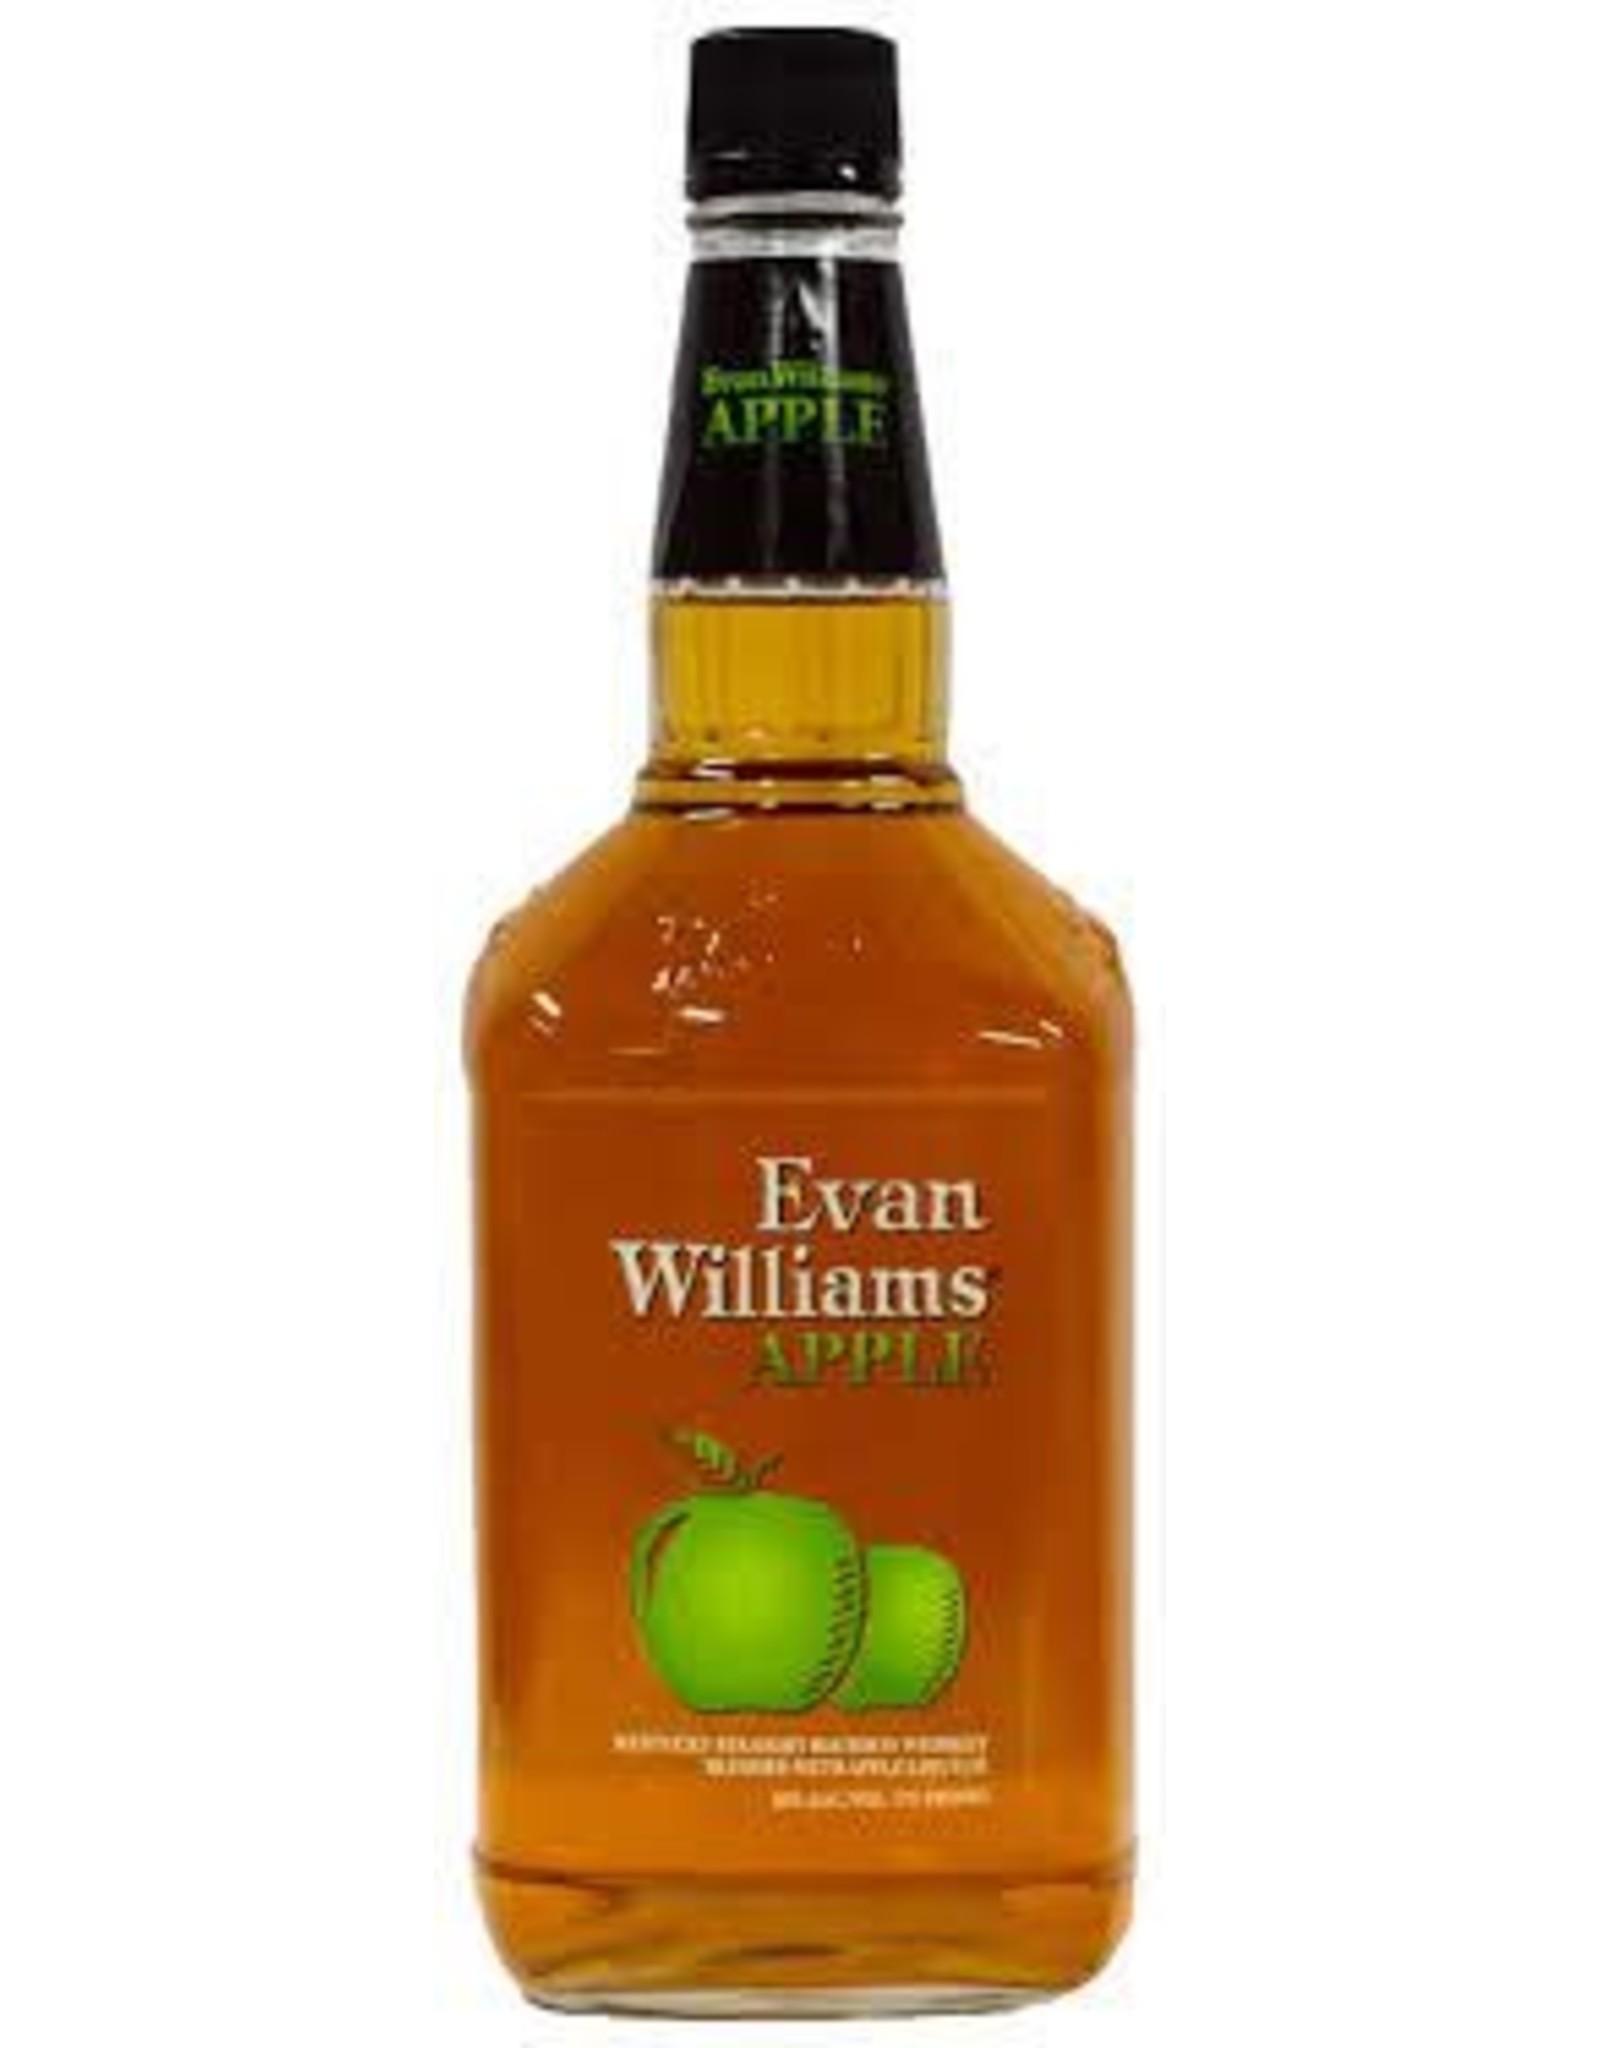 EVAN WILLIAMS APPLE 1.75L